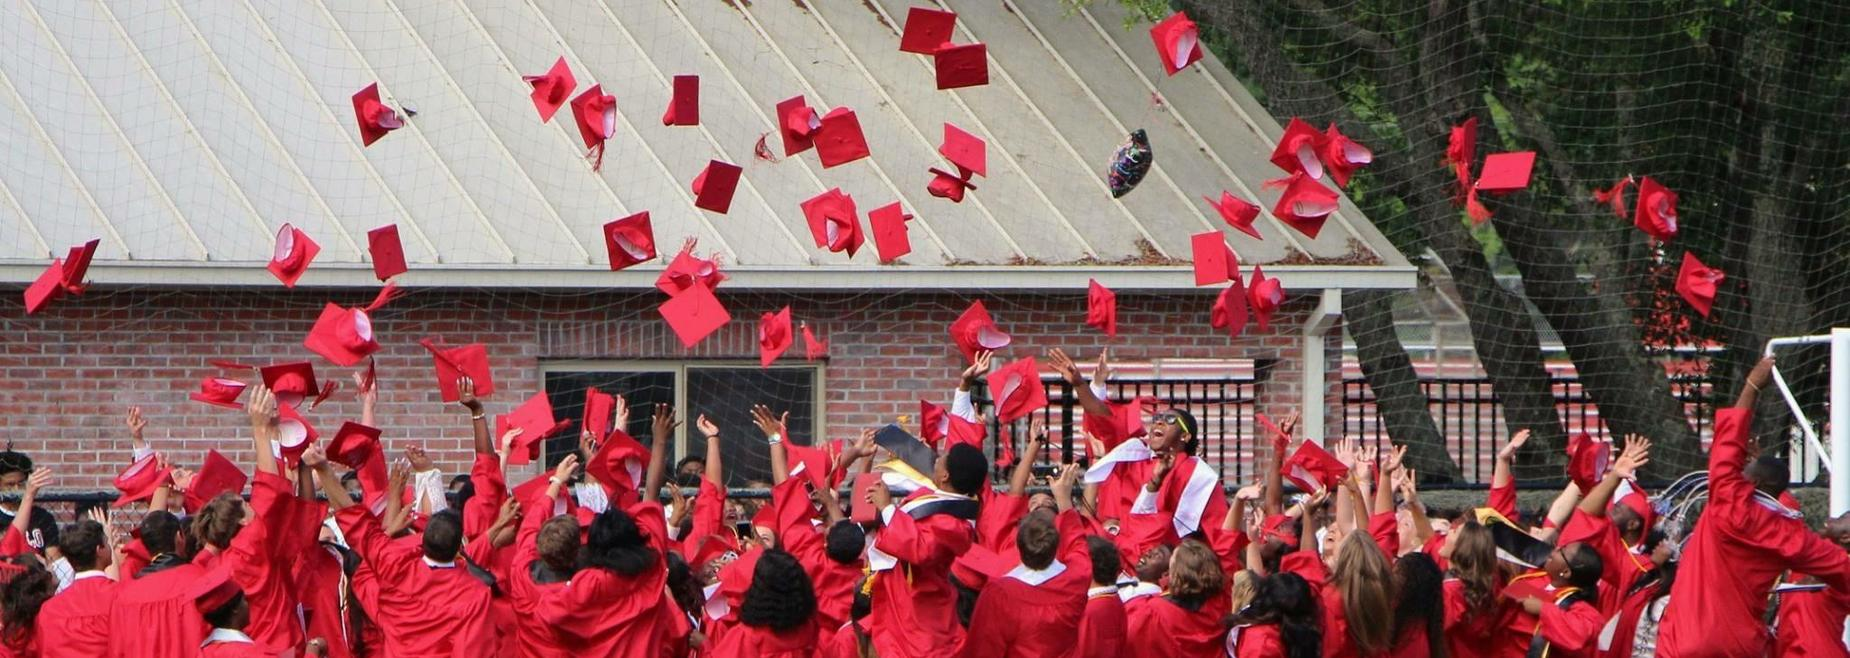 WHHS Graduates